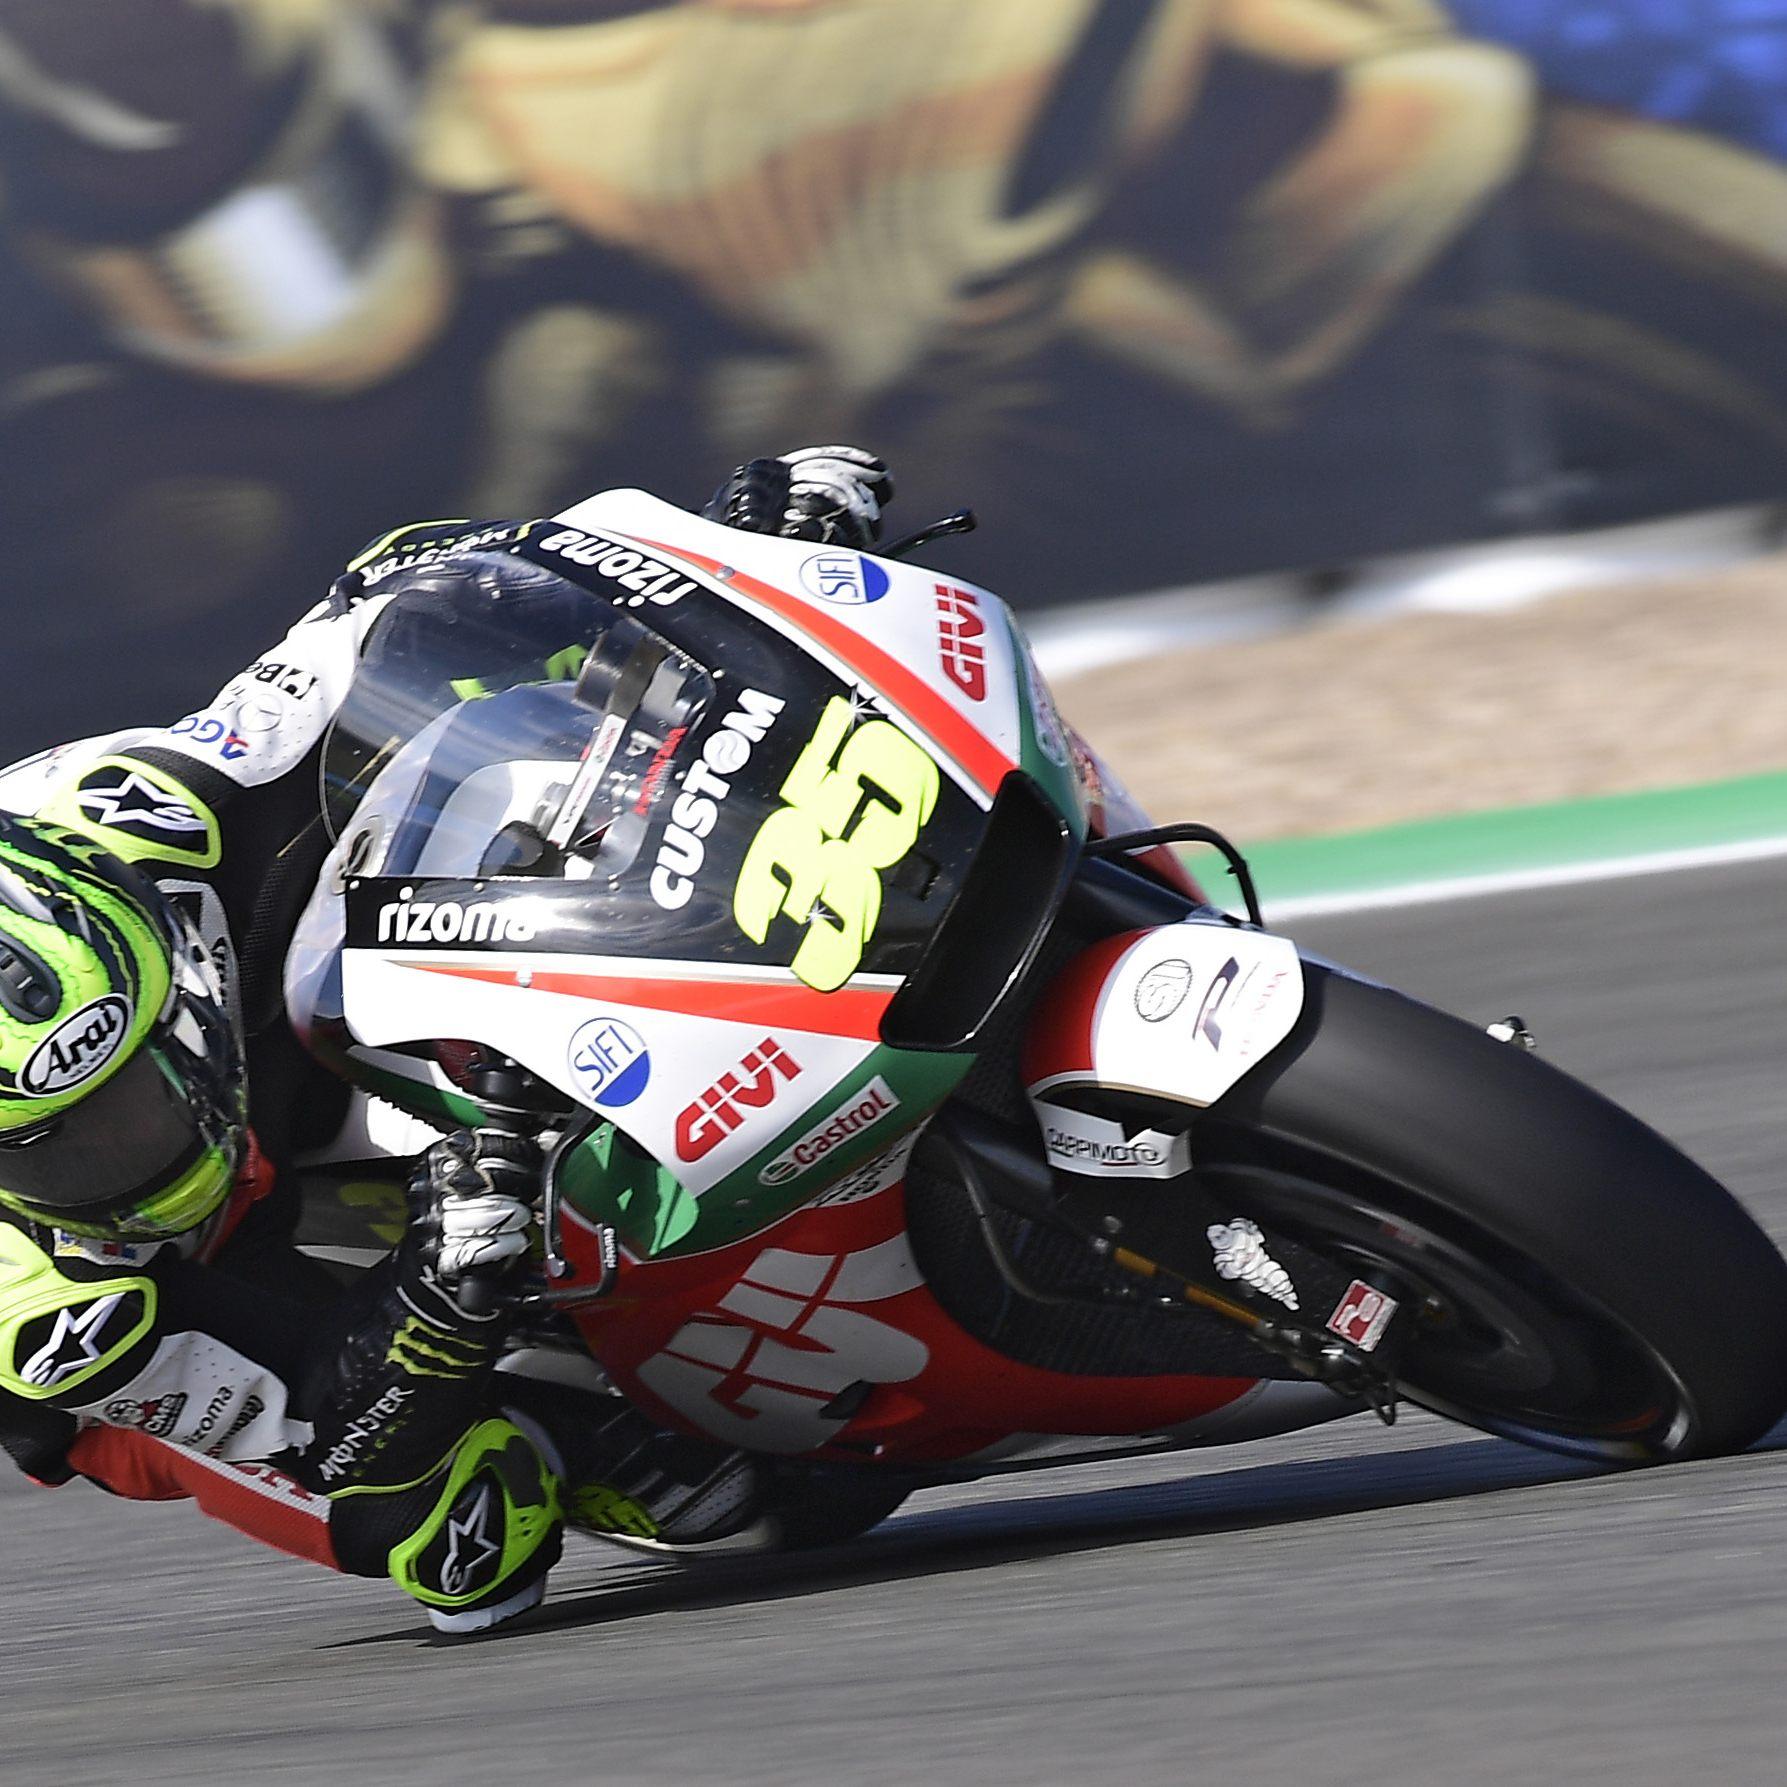 MotoGP - News und Ergebnisse zur Motorrad-WM - VOL.AT